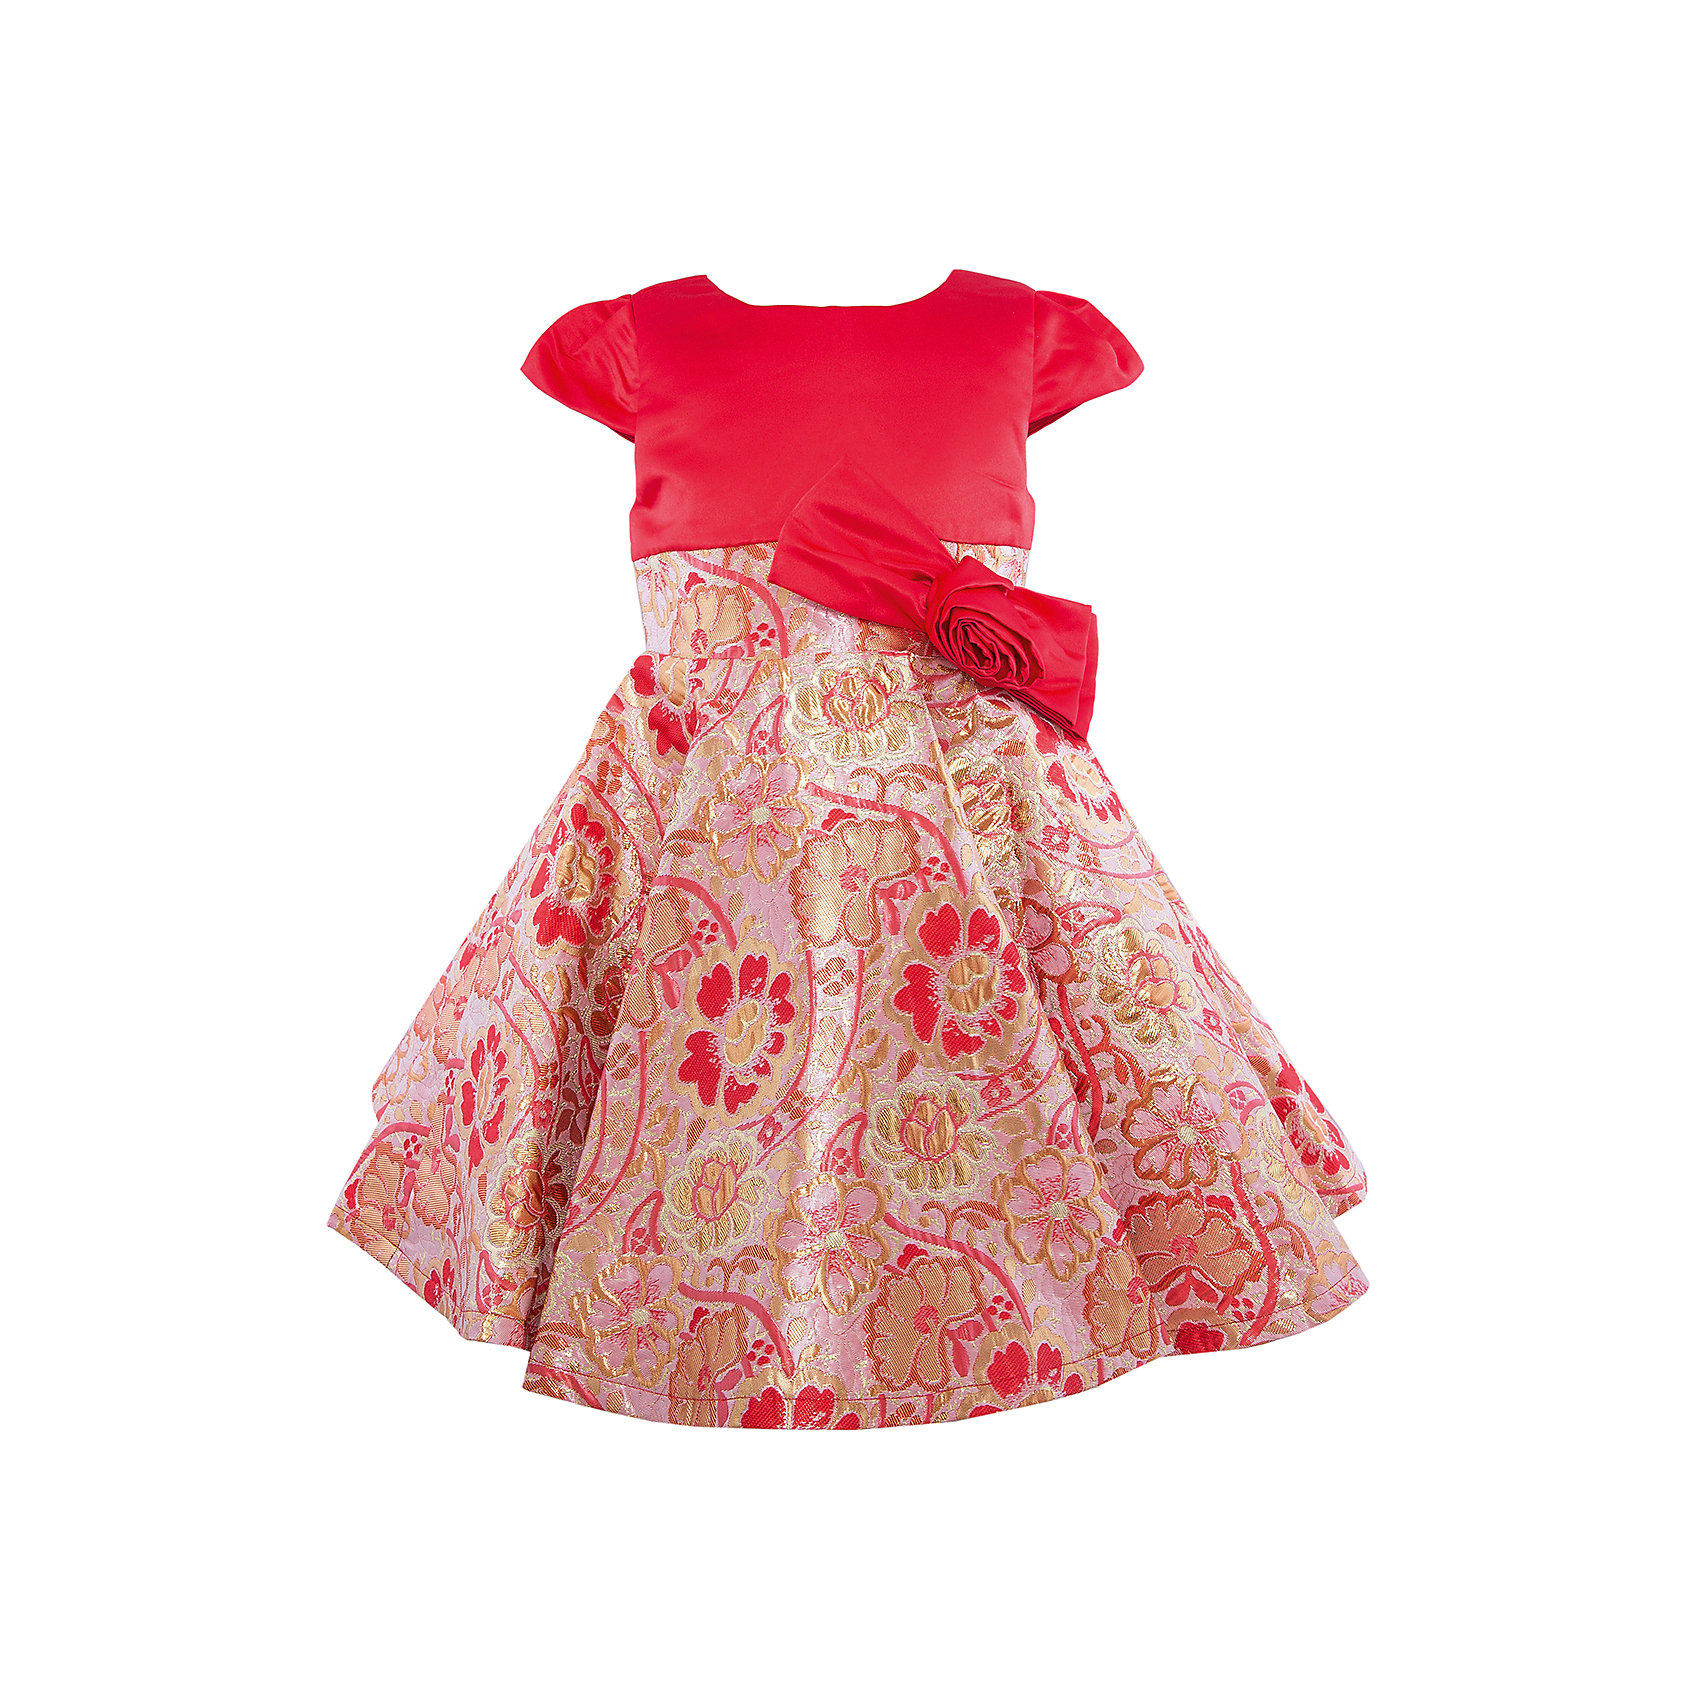 Нарядное платье для девочки Sweet BerryОдежда<br>Характеристики:<br><br>• Вид одежды: платье<br>• Предназначение: для праздника, торжеств<br>• Сезон: круглый год<br>• Материал: верх – 100% полиэстер; подкладка – 100% хлопок<br>• Цвет: красный, золотистый<br>• Силуэт: классический А-силуэт<br>• Длина платья: миди<br>• Вырез горловины: круглый<br>• Наличие банта с объемной розой<br>• Застежка: молния на спинке<br>• Особенности ухода: ручная стирка без применения отбеливающих средств, глажение при низкой температуре <br><br>Sweet Berry – это производитель, который сочетает в своей одежде функциональность, качество, стиль и следование современным мировым тенденциям в детской текстильной индустрии. <br>Комбинированное платье для девочки от знаменитого производителя детской одежды Sweet Berry выполнено из полиэстера с хлопковой подкладкой. Изделие имеет классический силуэт с отрезной талией и пышную юбку-солнце. Пышность и объем юбке придает подъюбник. Полочка выполнена из красного атласа, юбка из ткани в жаккардовый цветочный узор золотистого цвета. Талия декорирована бантом с объемной розой. Праздничное платье от Sweet Berry – это залог успеха вашего ребенка на любом торжестве!<br><br>Платье для девочки Sweet Berry можно купить в нашем интернет-магазине.<br><br>Ширина мм: 236<br>Глубина мм: 16<br>Высота мм: 184<br>Вес г: 177<br>Цвет: красный<br>Возраст от месяцев: 72<br>Возраст до месяцев: 84<br>Пол: Женский<br>Возраст: Детский<br>Размер: 122,128,104,98,110,116<br>SKU: 5052133